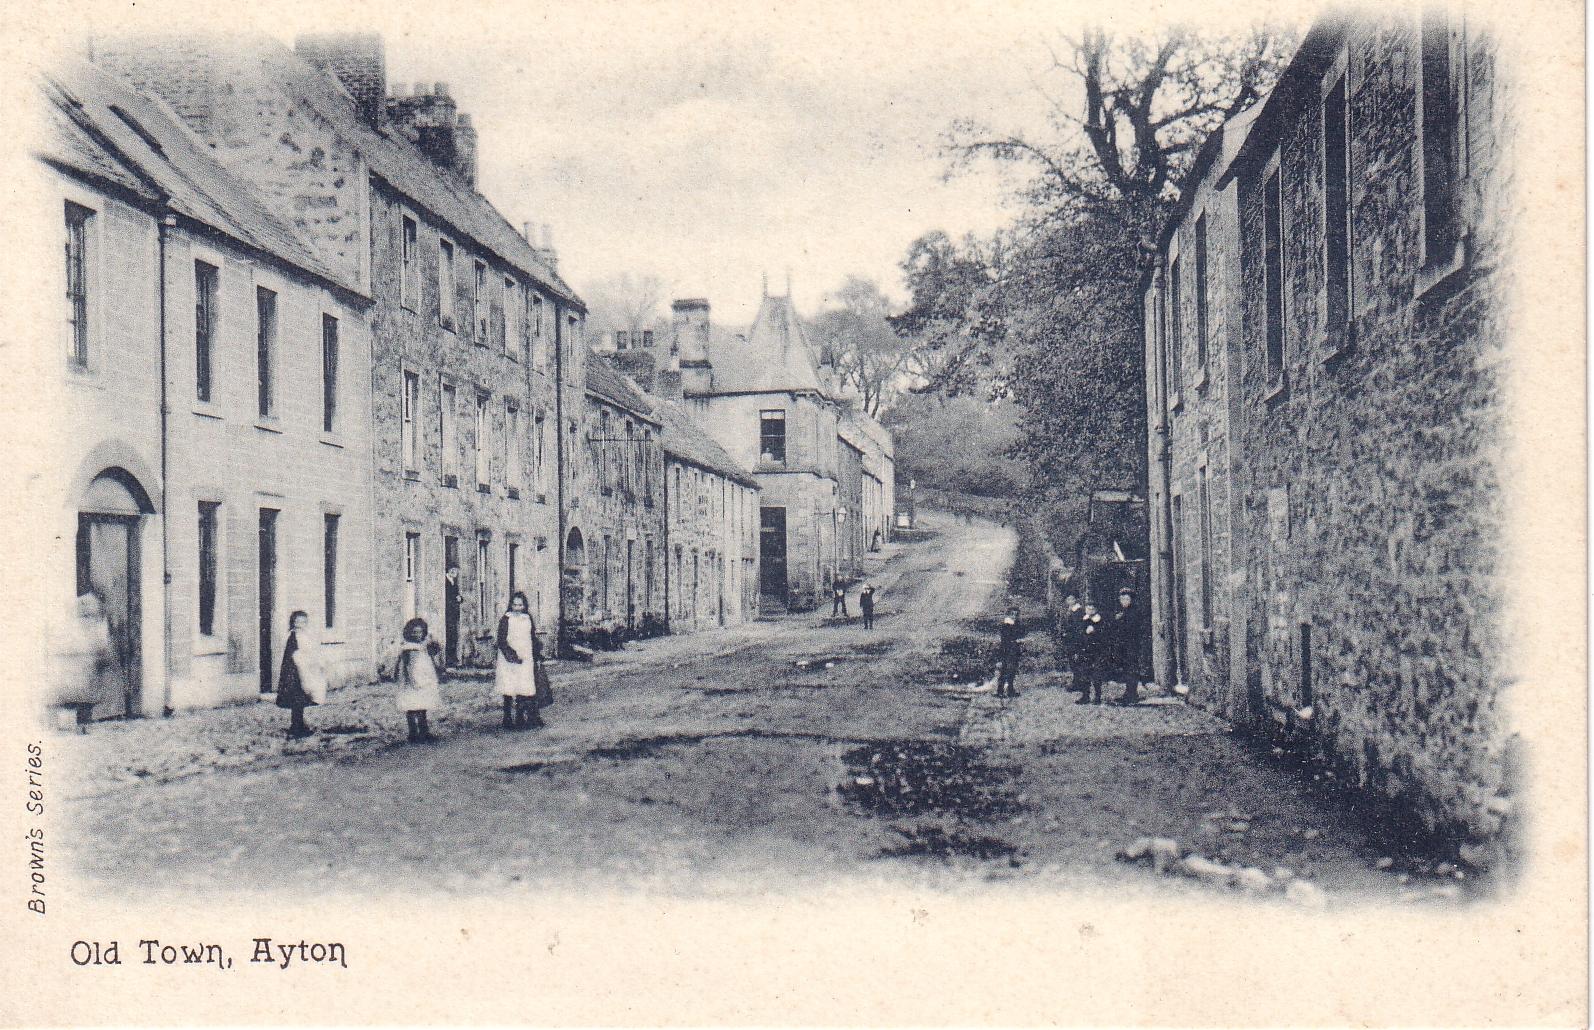 Old Town Ayton